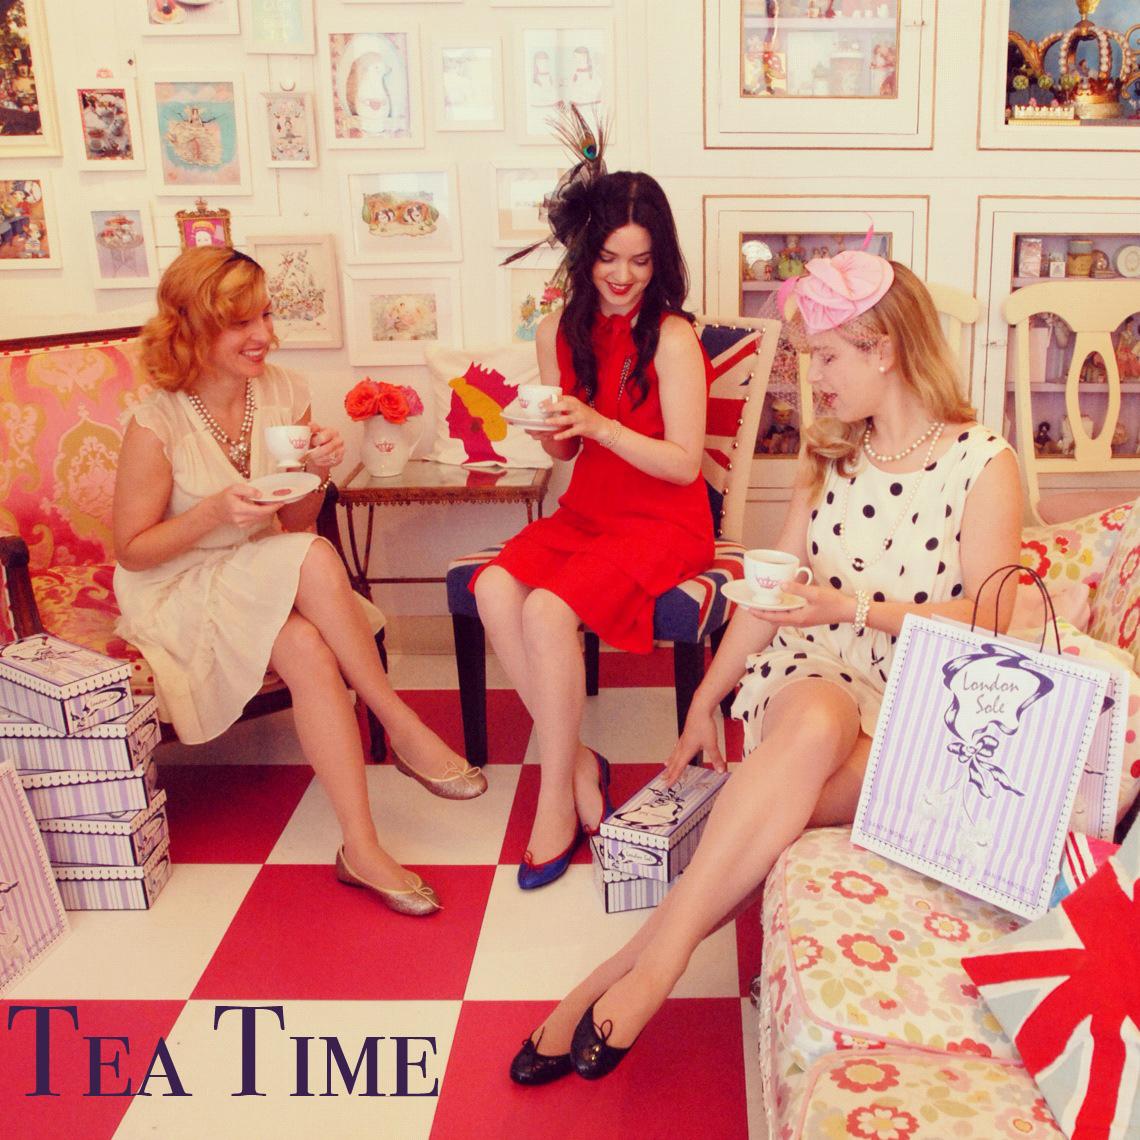 London Sole Tea Time